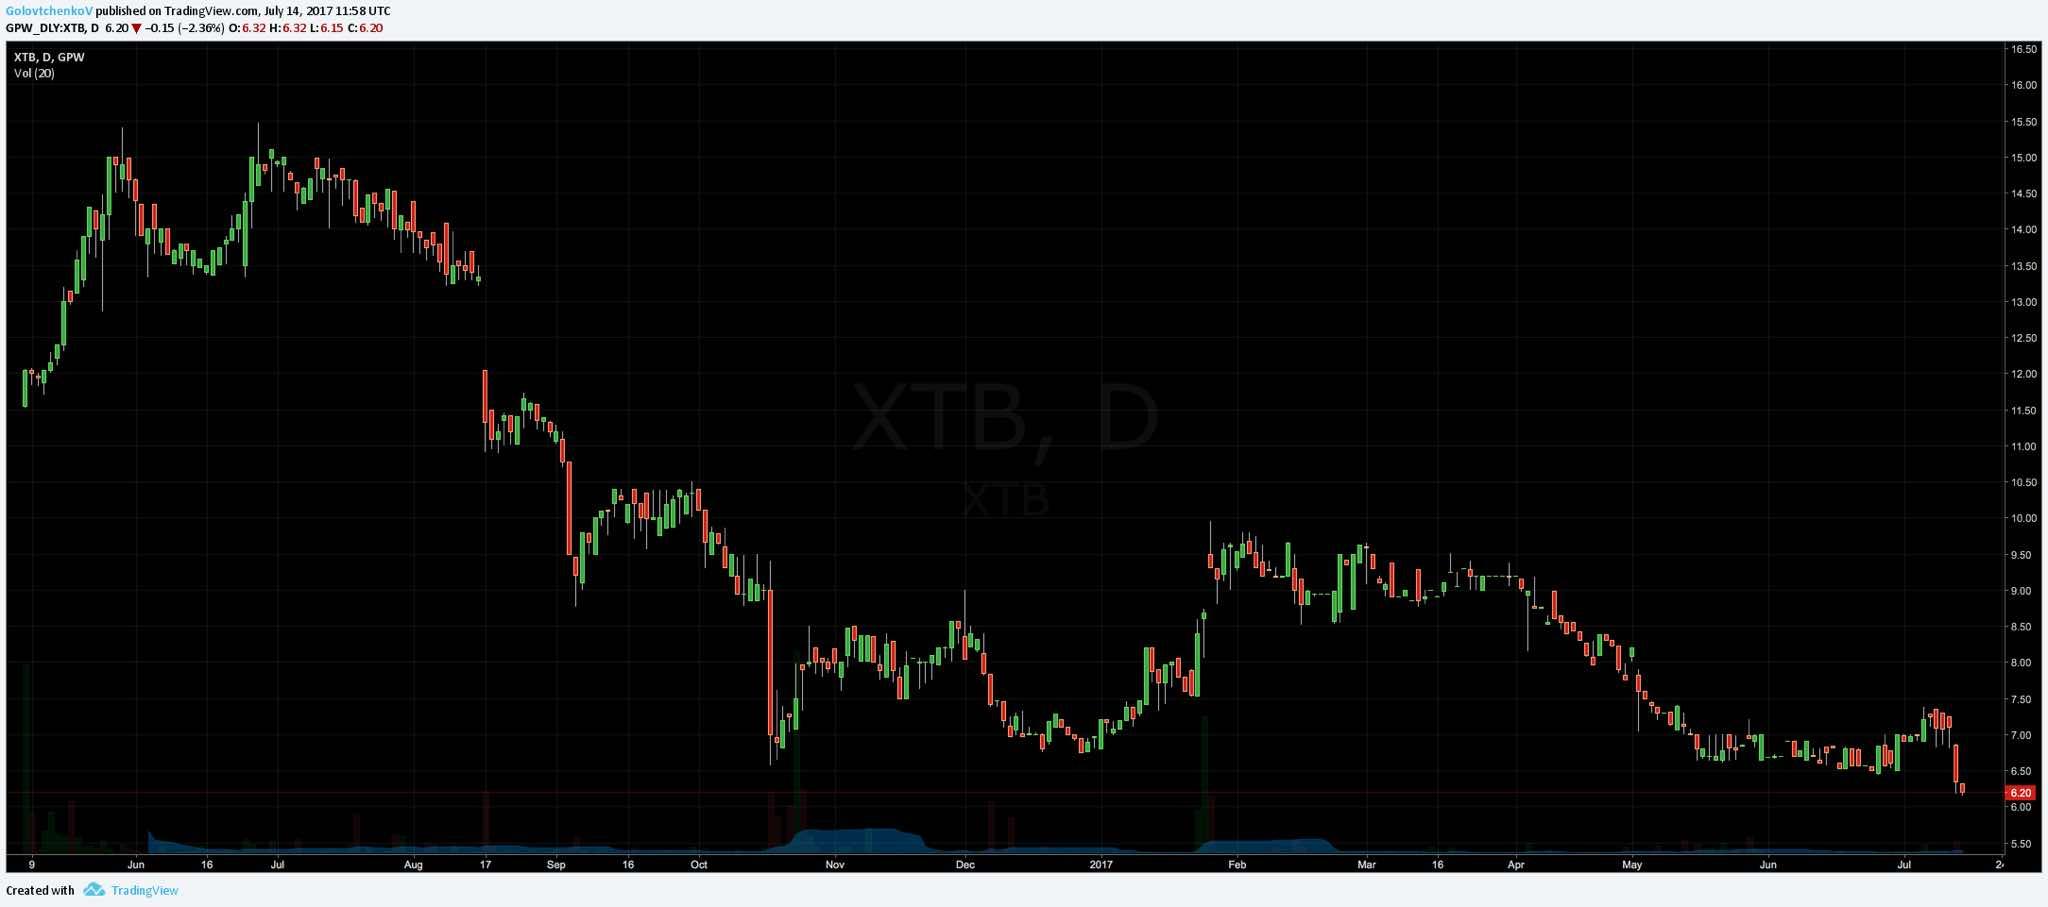 Дневной график: Динамика акций XTB после IPO в мае 2016. Источник: TradingView